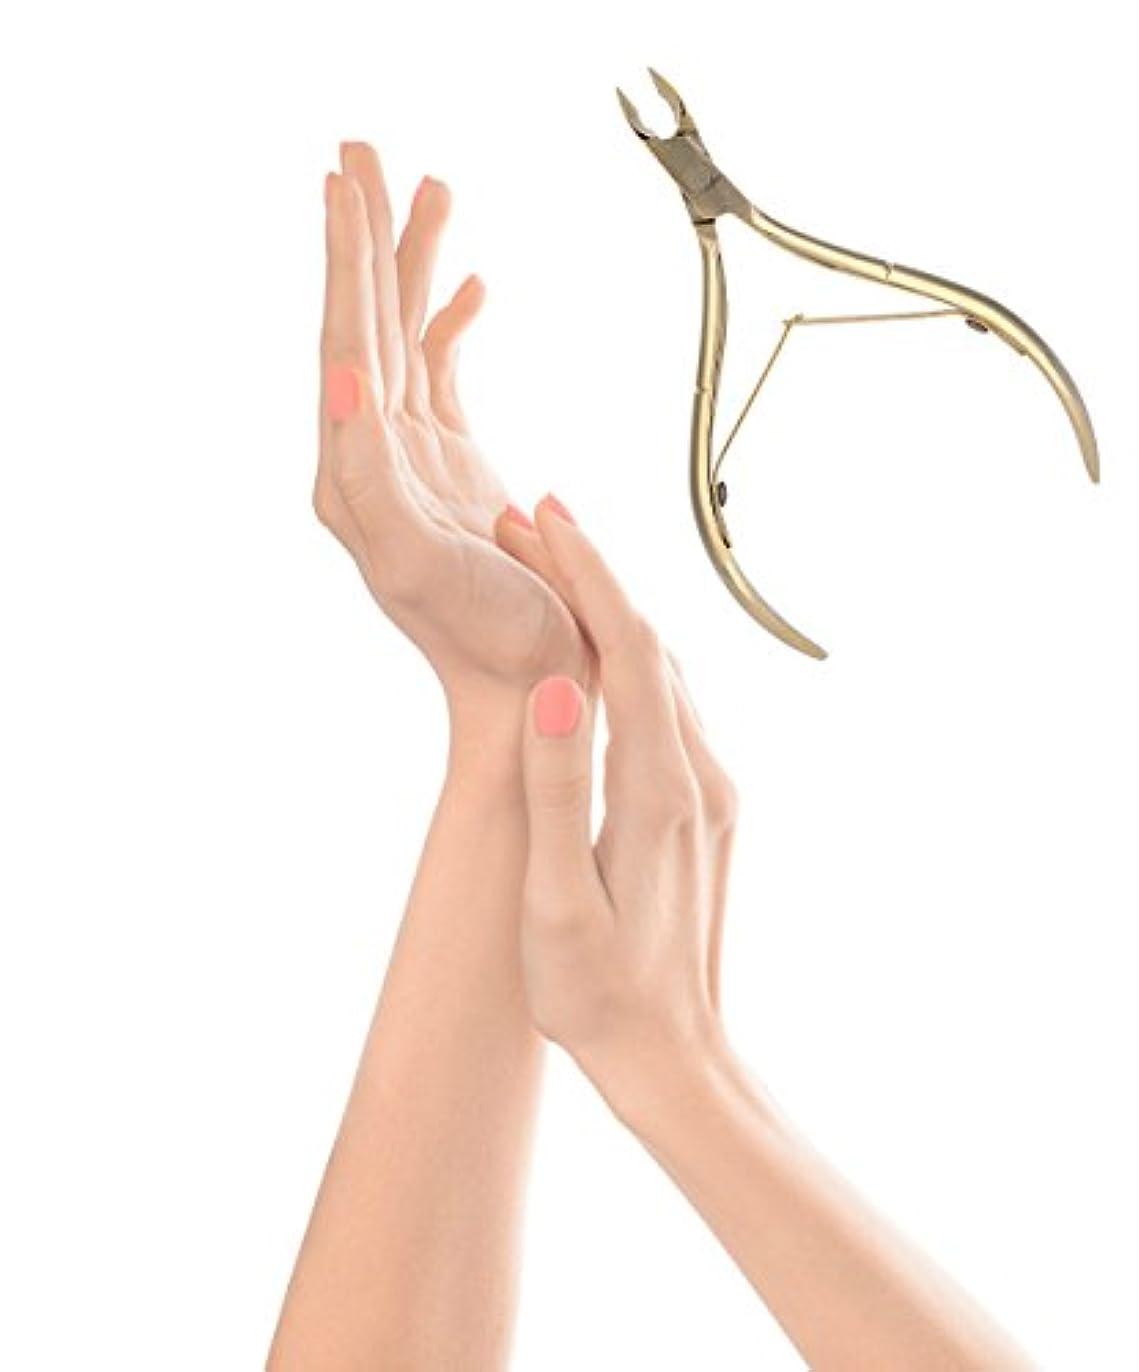 爪切り ネイルケア ネイルマニキュアツール ステンレス鋼 快適で便利